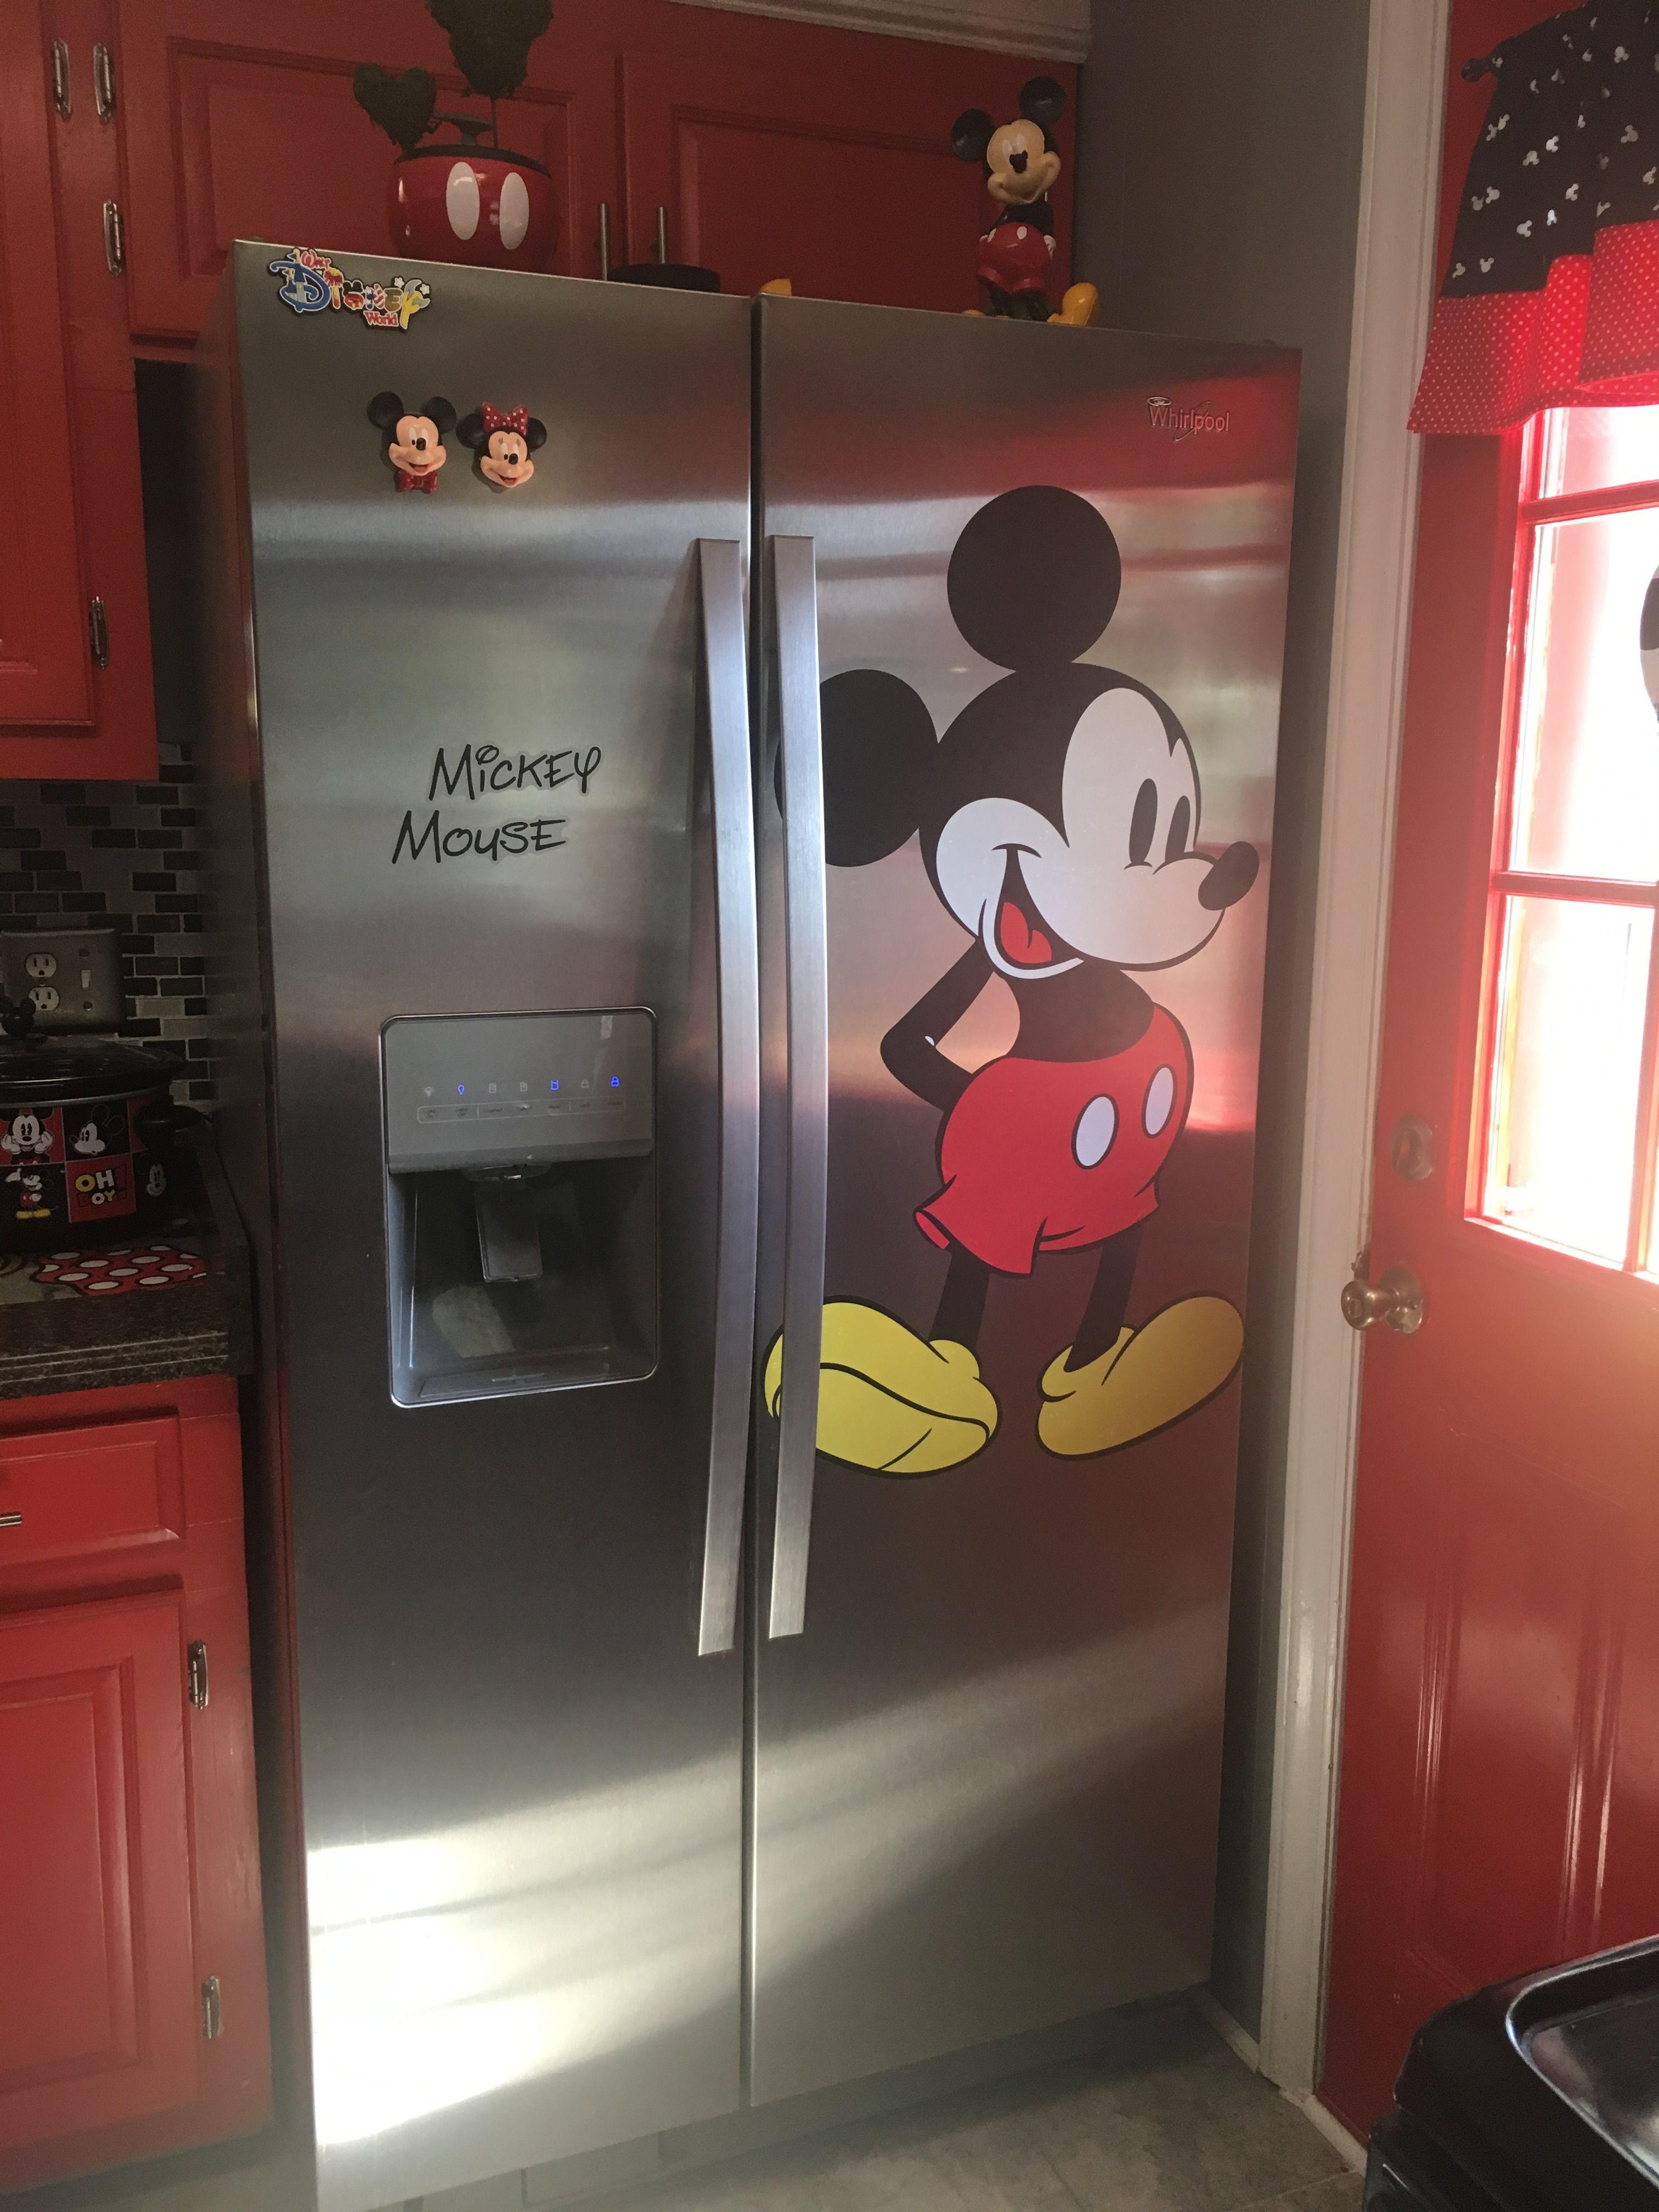 Épinglé sur Disney